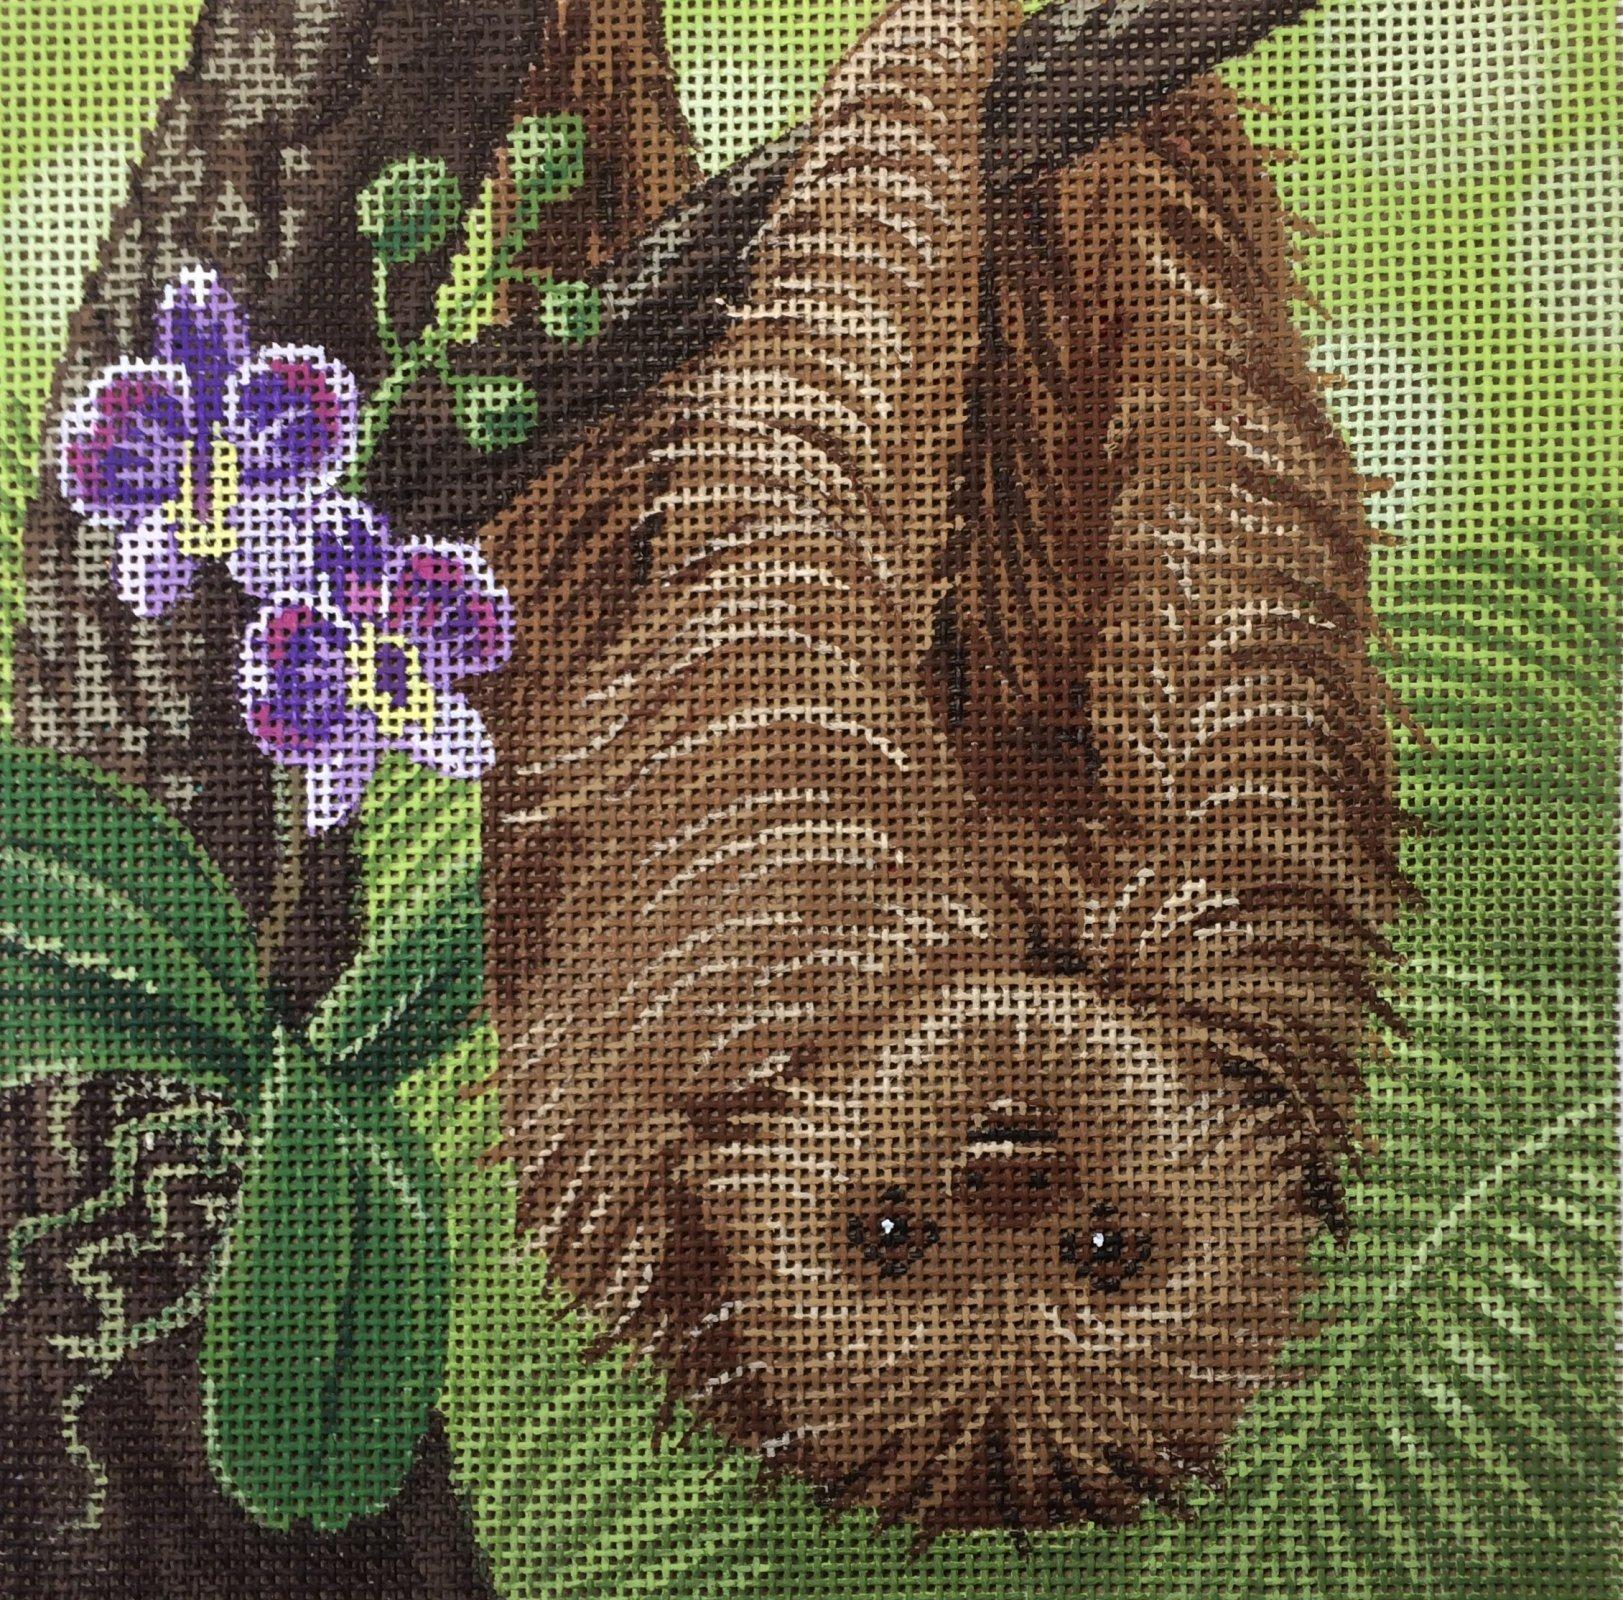 LL328 Sloth